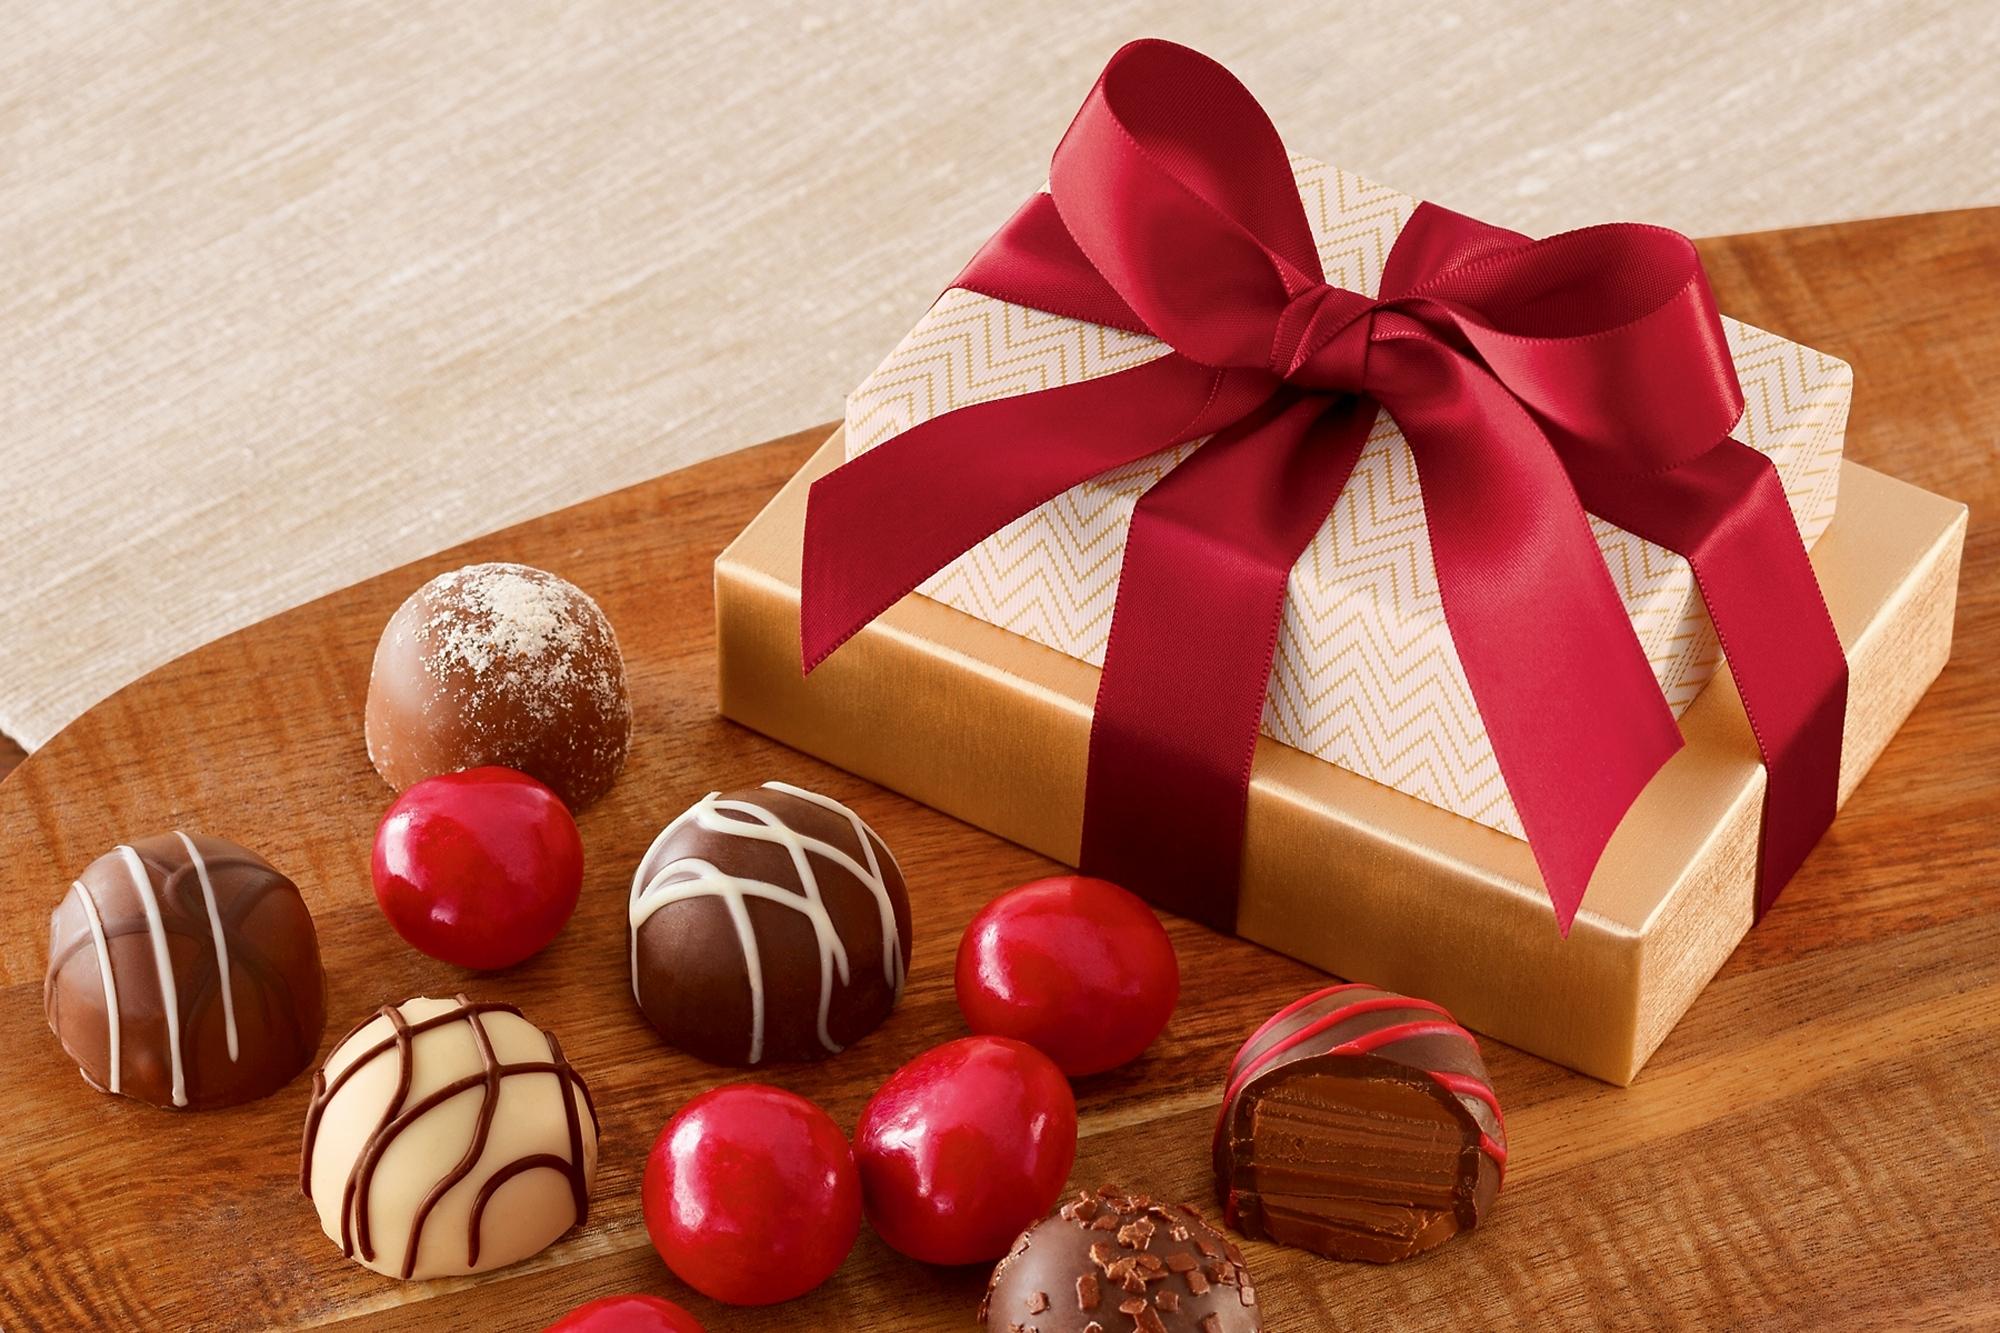 обои для рабочего стола коробка конфеты № 610463 бесплатно